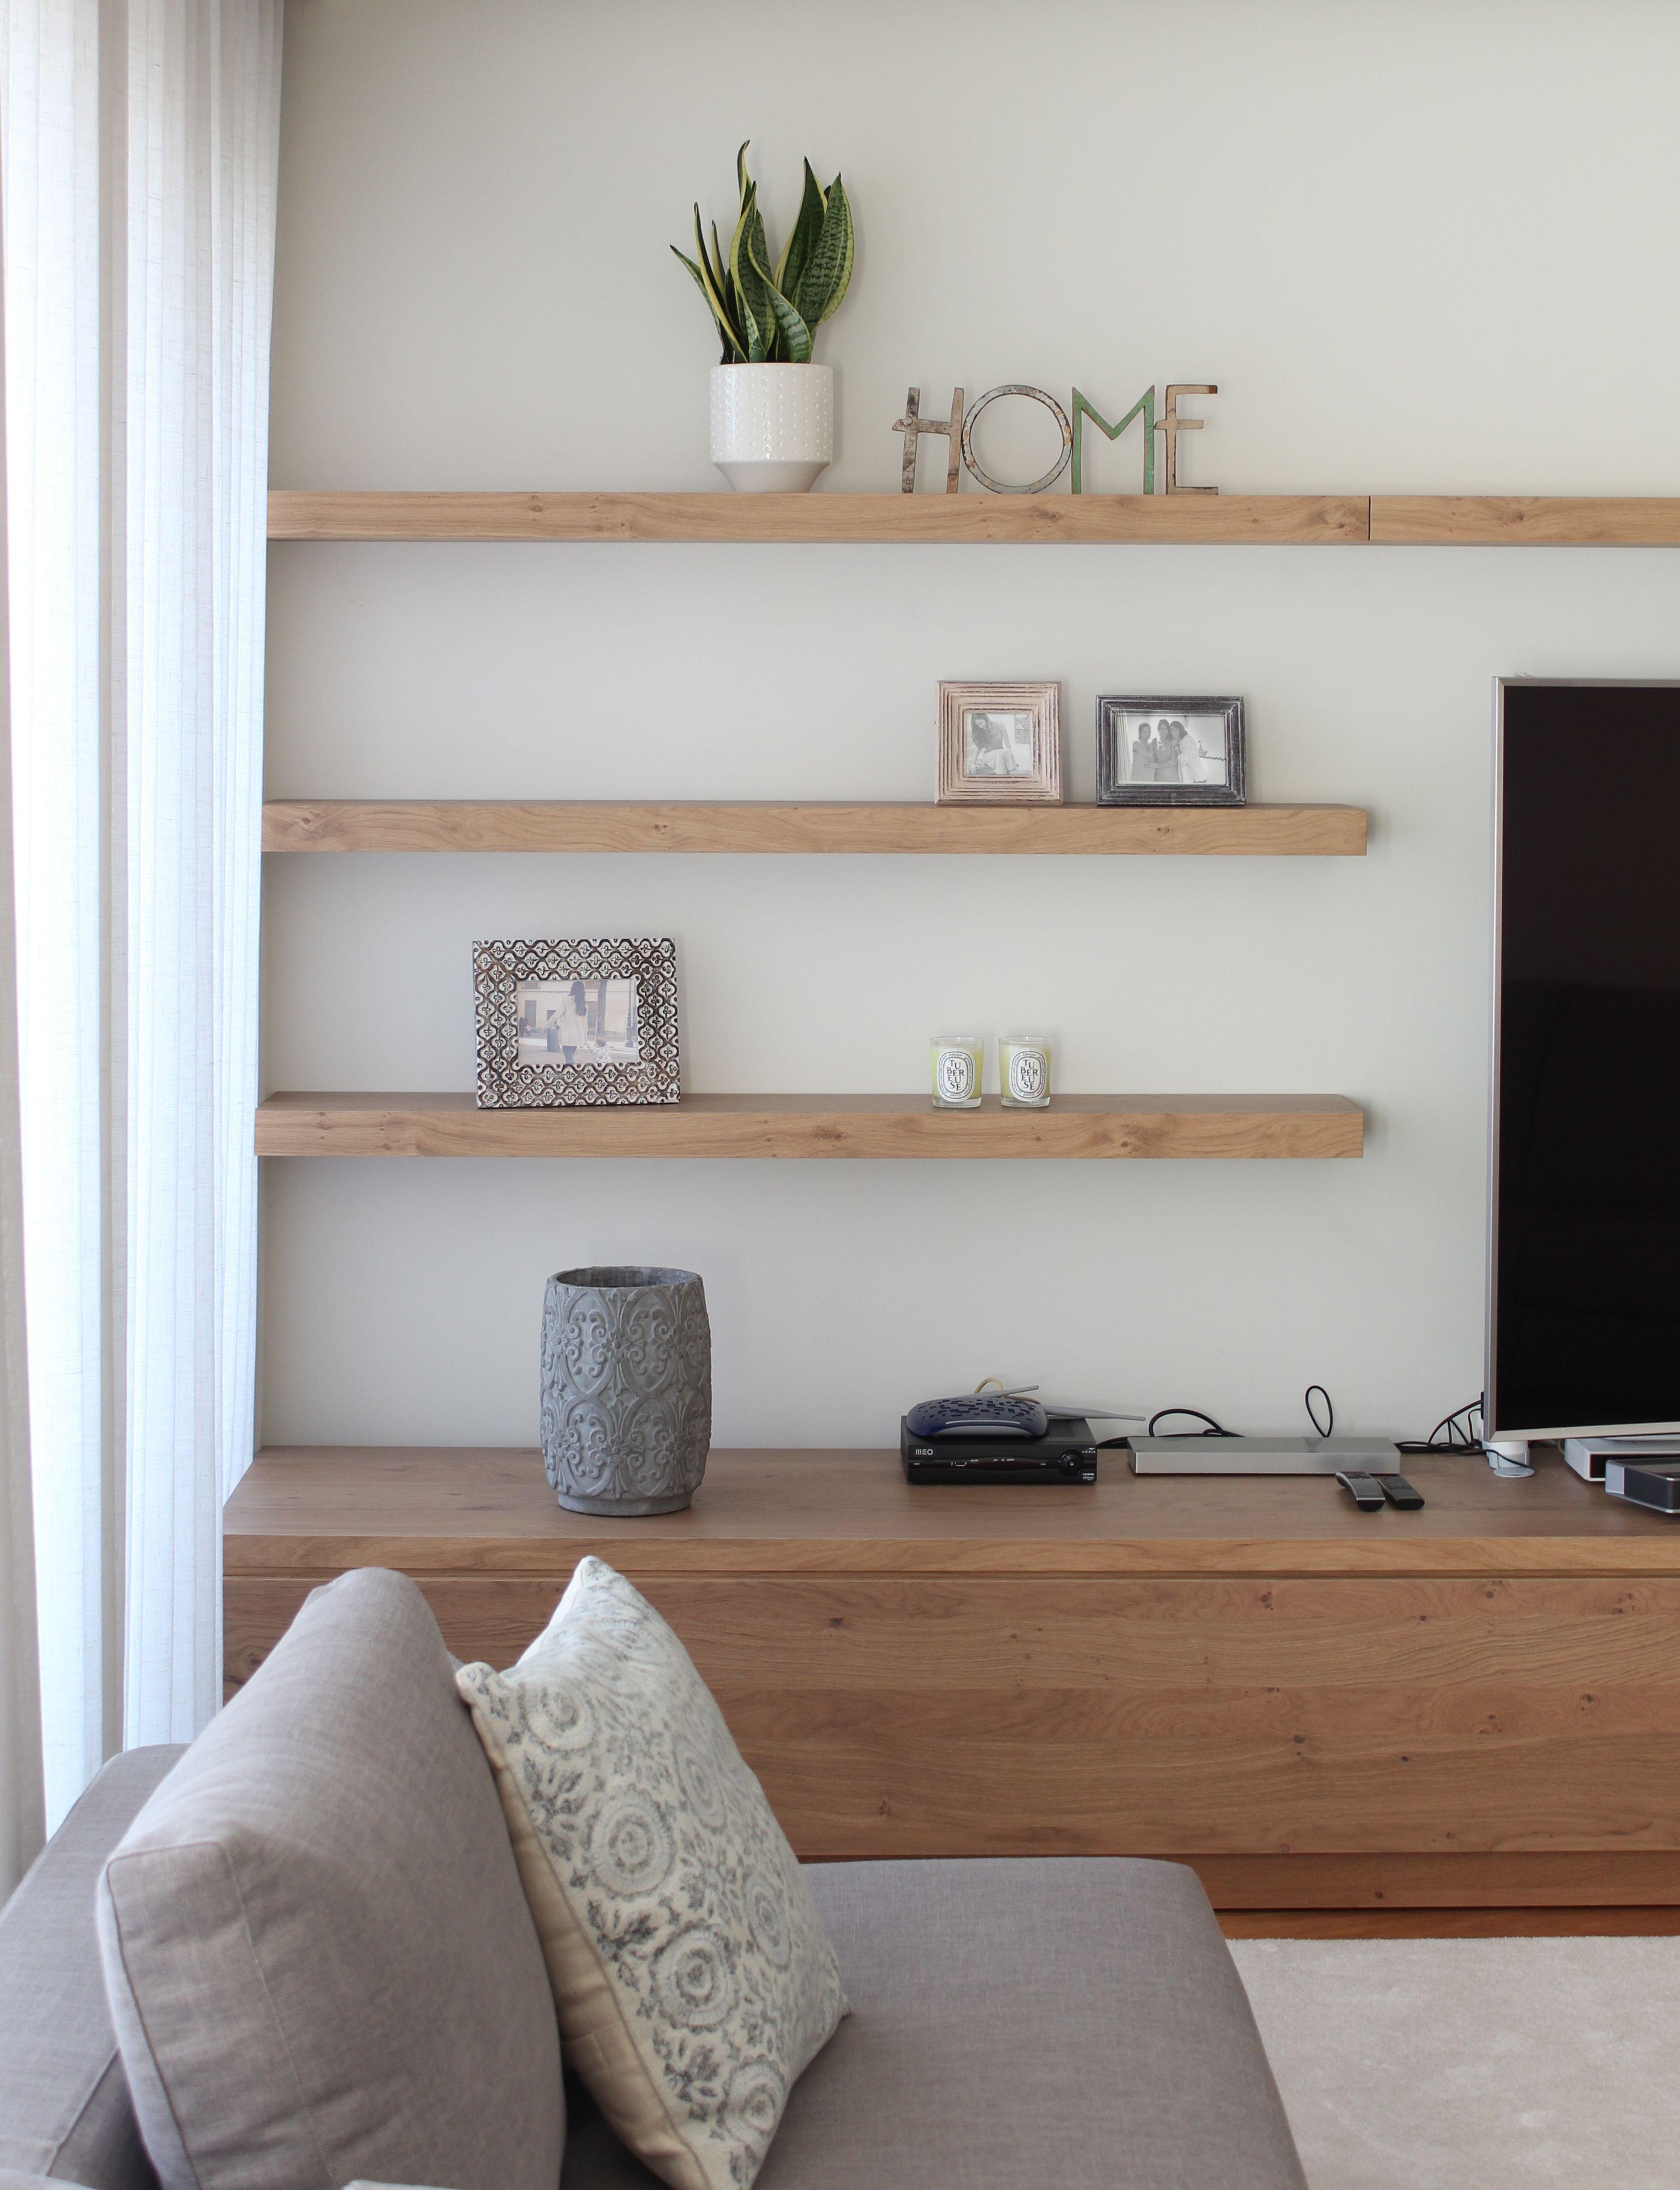 Muebles Kenay Home - La Nueva Casa De Sara Carbonero En Oporto Con Muebles Kenay Home [mjhdah]https://i.pinimg.com/736x/ef/38/ba/ef38ba7247592299b1eb1e80ddcf0795.jpg